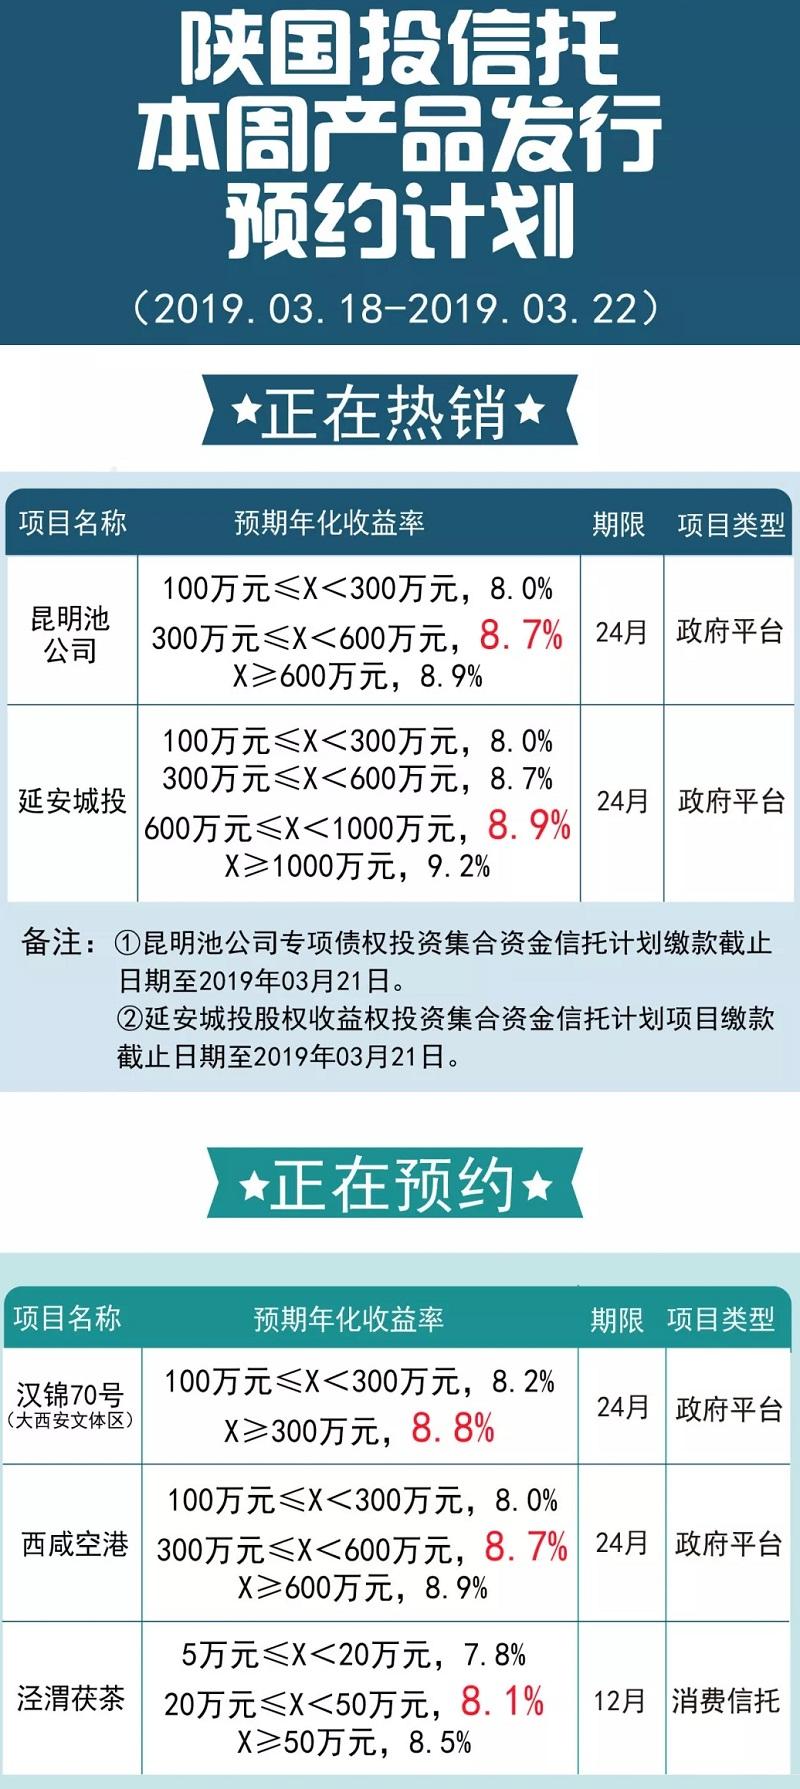 陕国投信托本周信托产品发行预约计划(3月18日-3月22日)